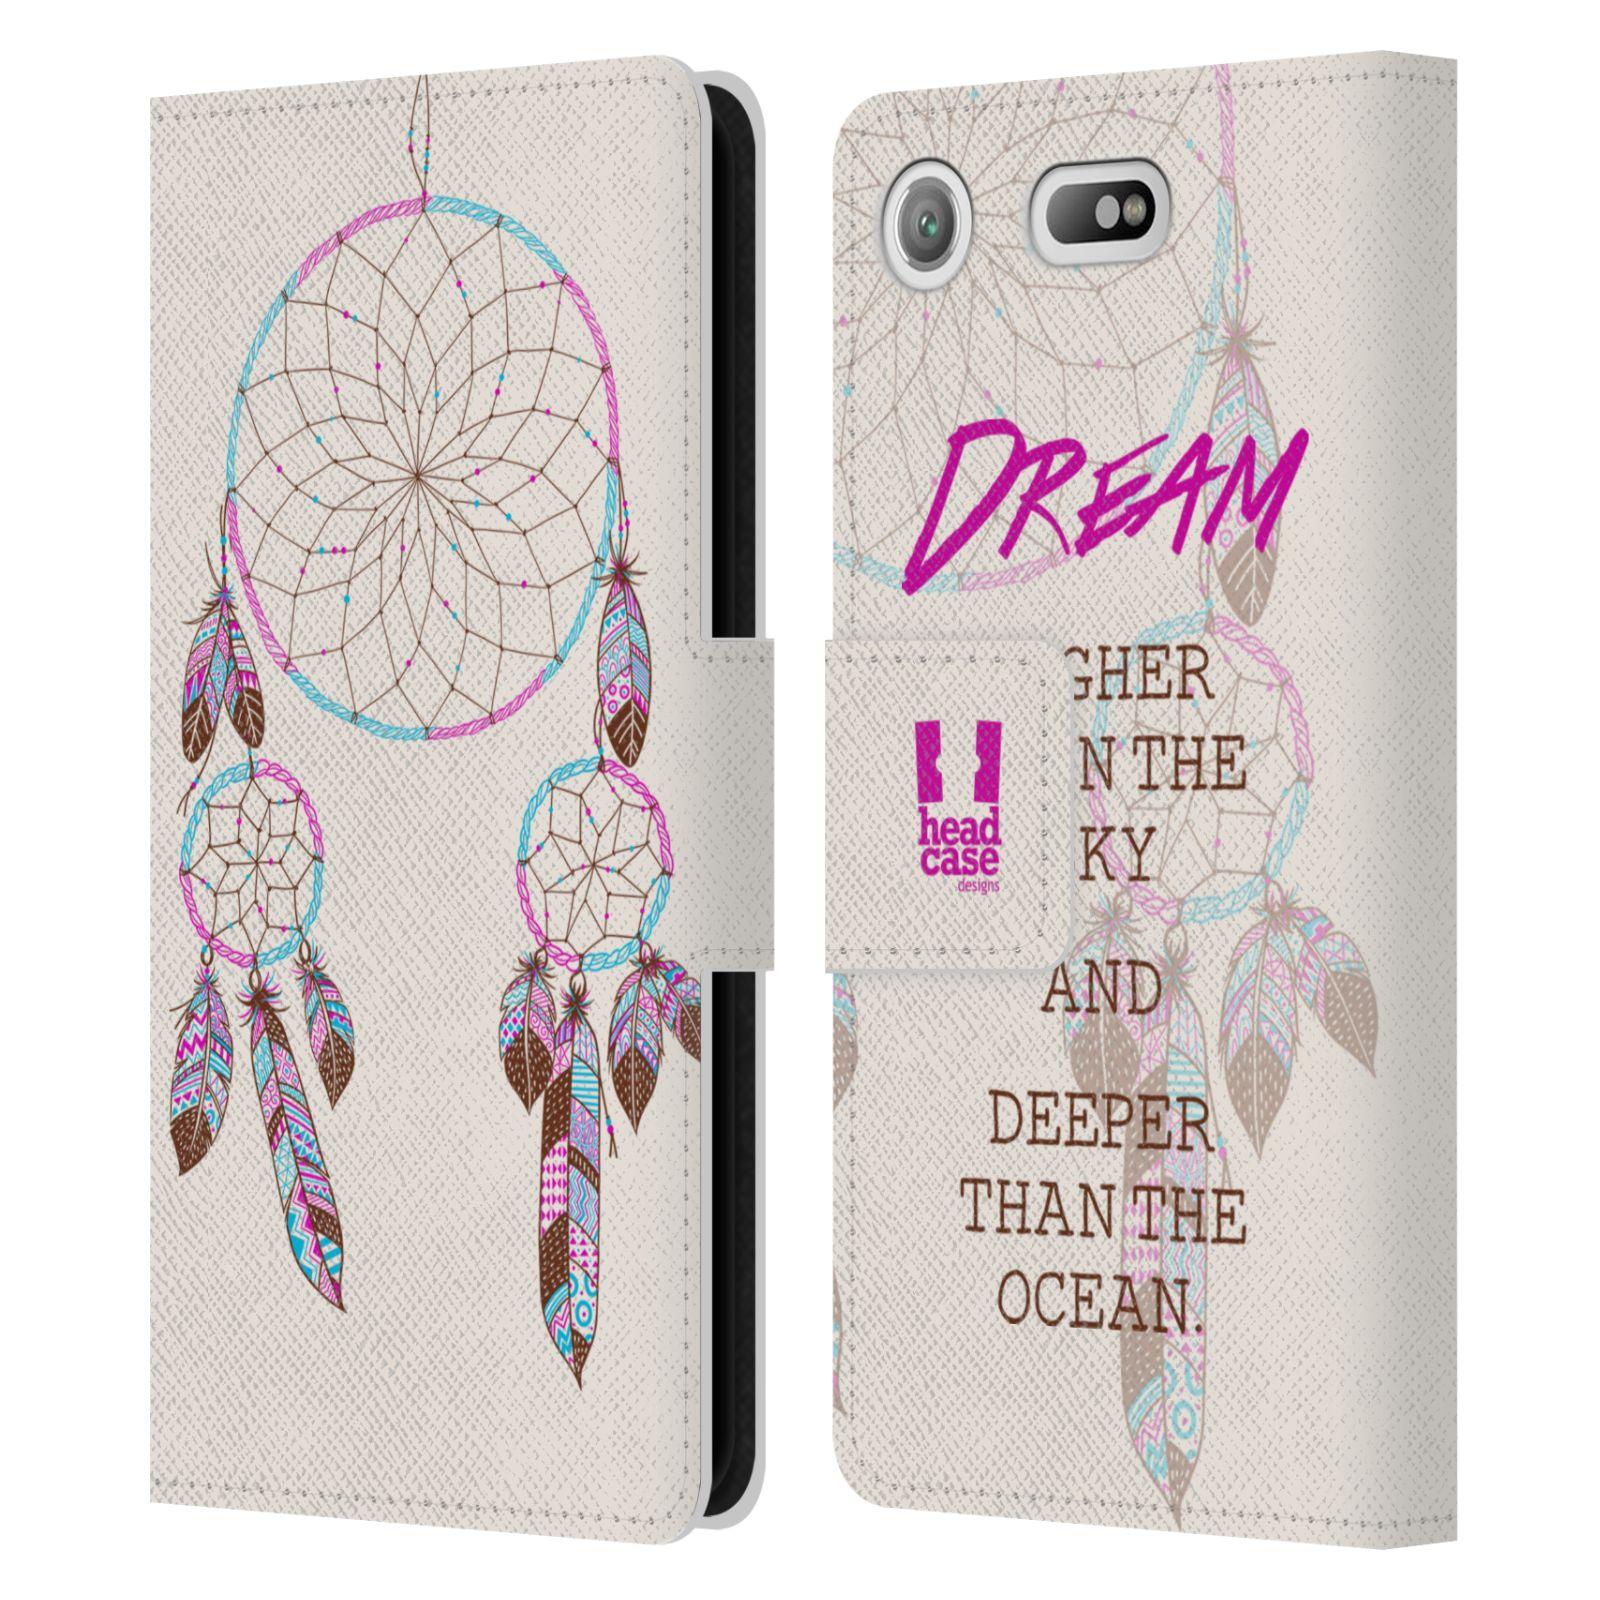 Pouzdro na mobil Sony Xperia XZ1 Compact - Head Case - Lapač snů fialová dream